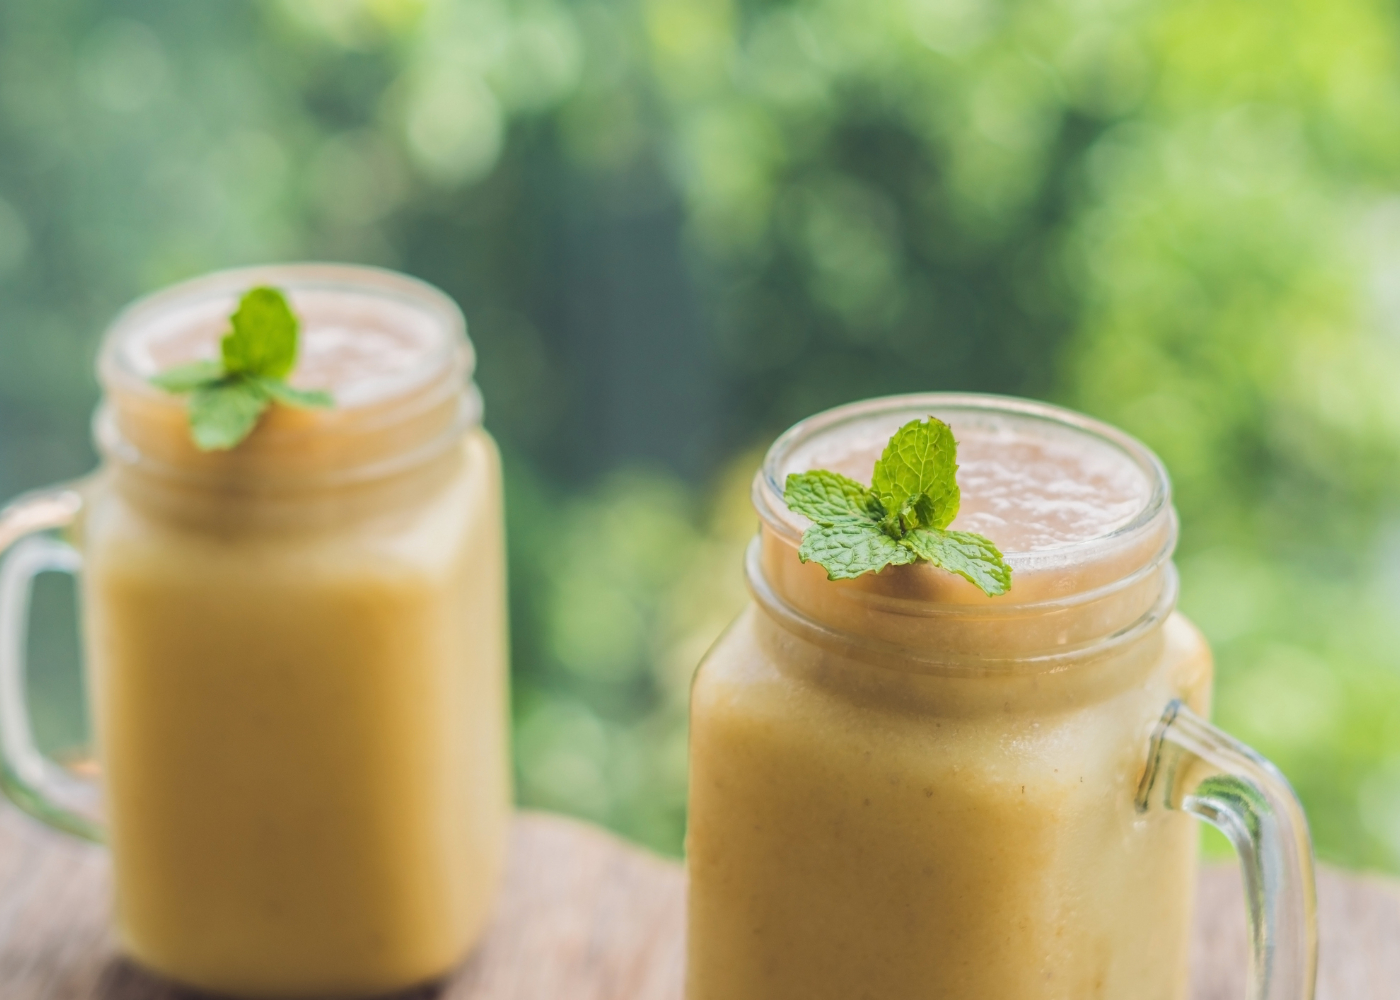 receitas saudaveis de batidos de banana